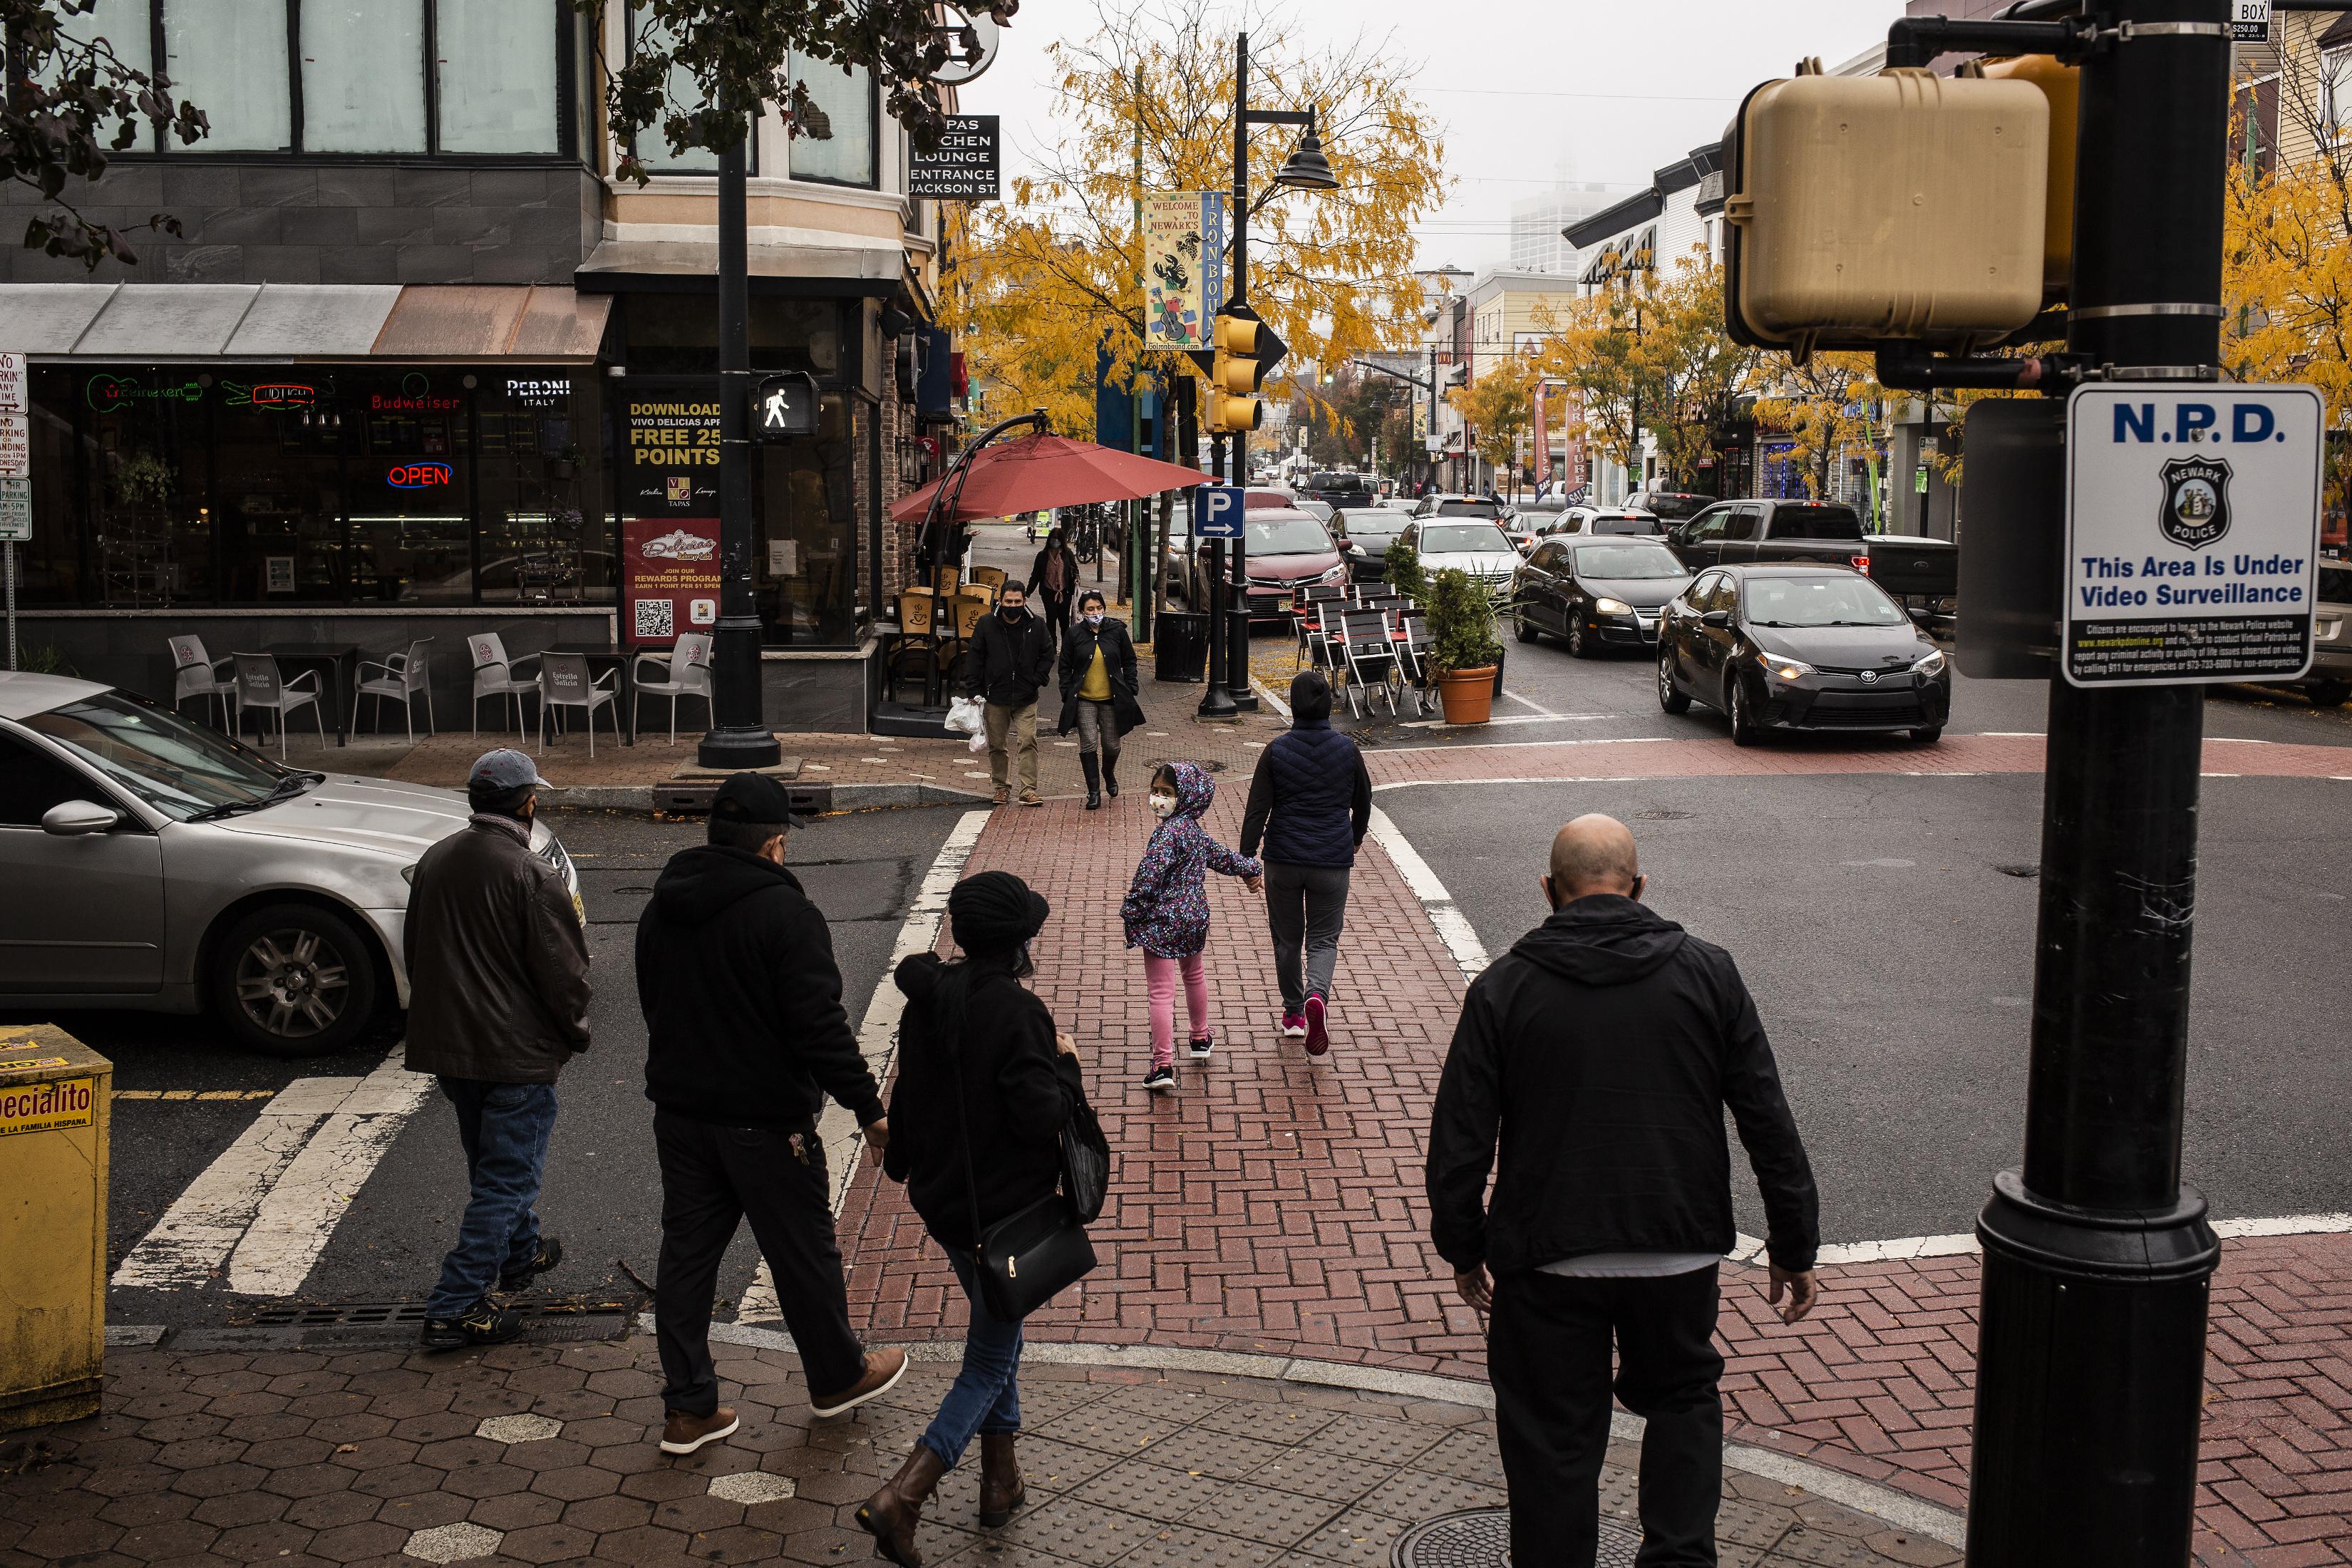 ■紐瓦克目前正實施新一輪封鎖限制措施。 Bryan Anselm/紐約時報